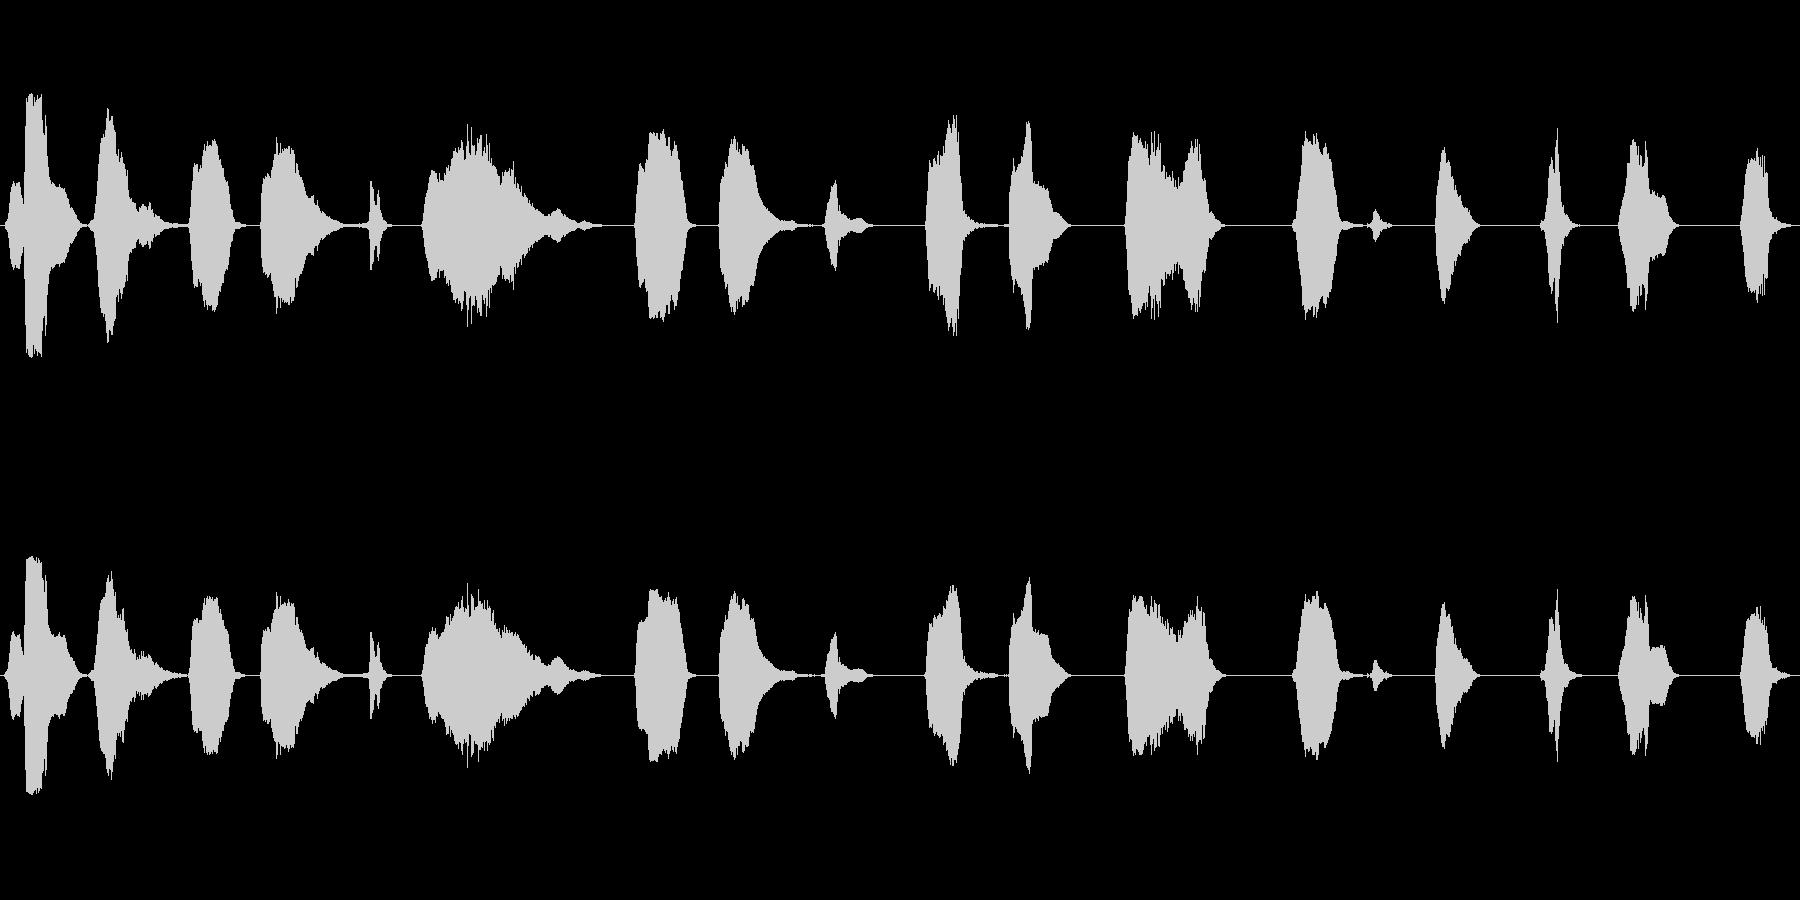 金属ブレーカーボックスカバー:さま...の未再生の波形